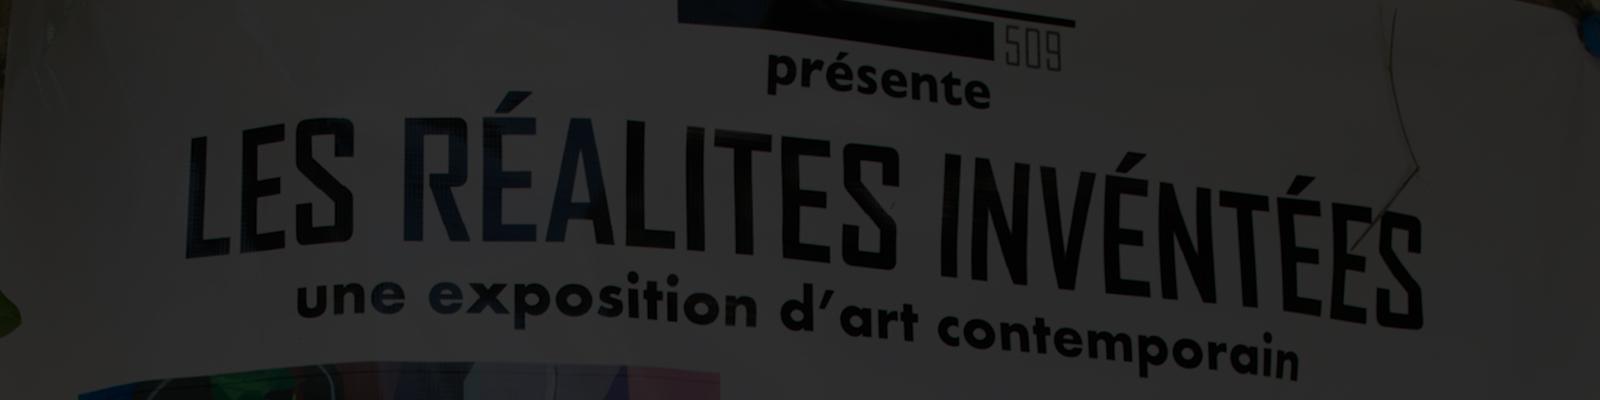 RÉALITÉS INVENTÉES: pour promouvoir l'art contemporain